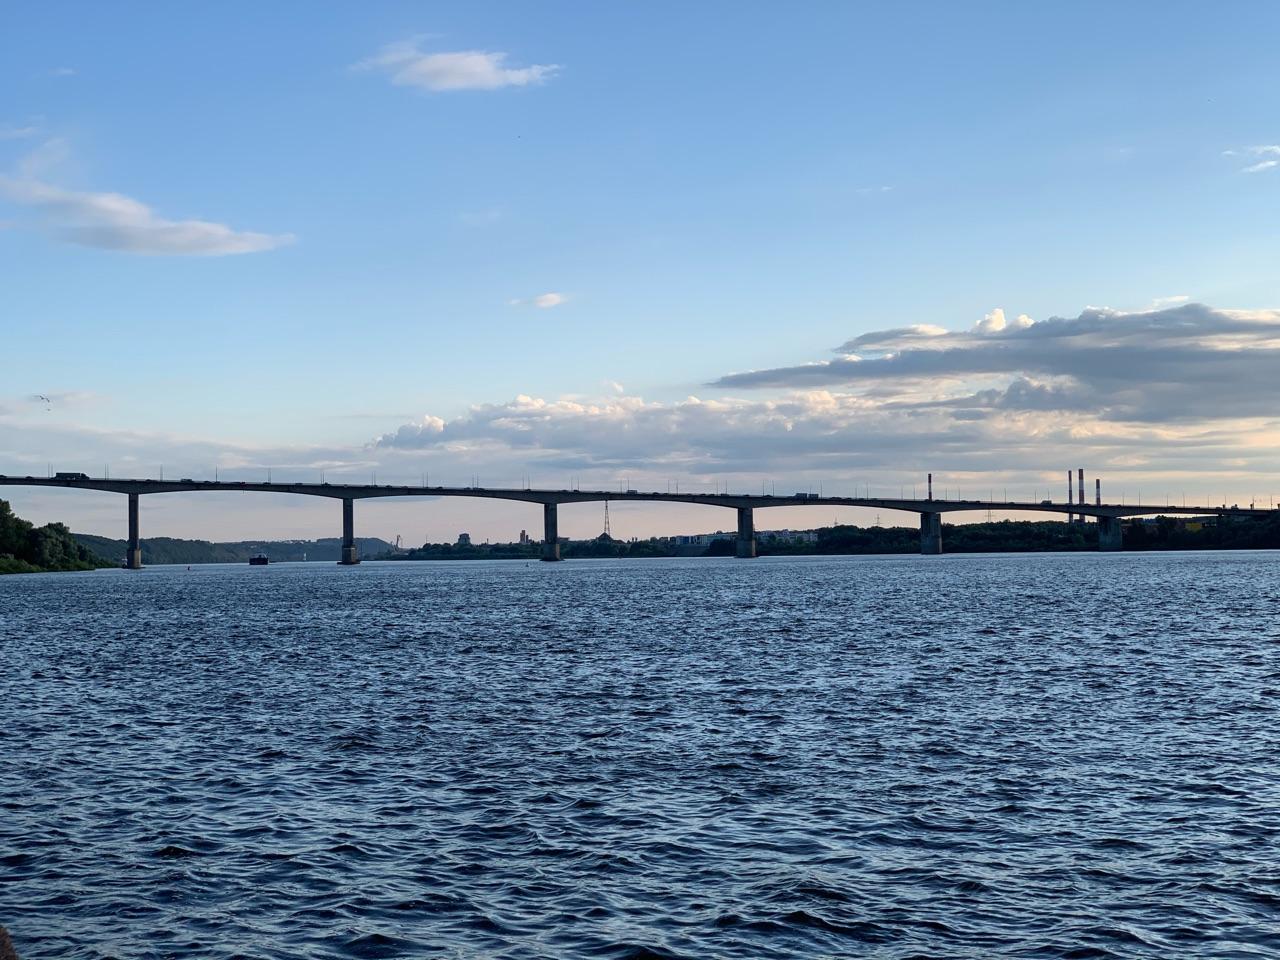 Уровень воды в Волге у Нижнего Новгорода превысил неблагоприятную отметку на 3 см - фото 1